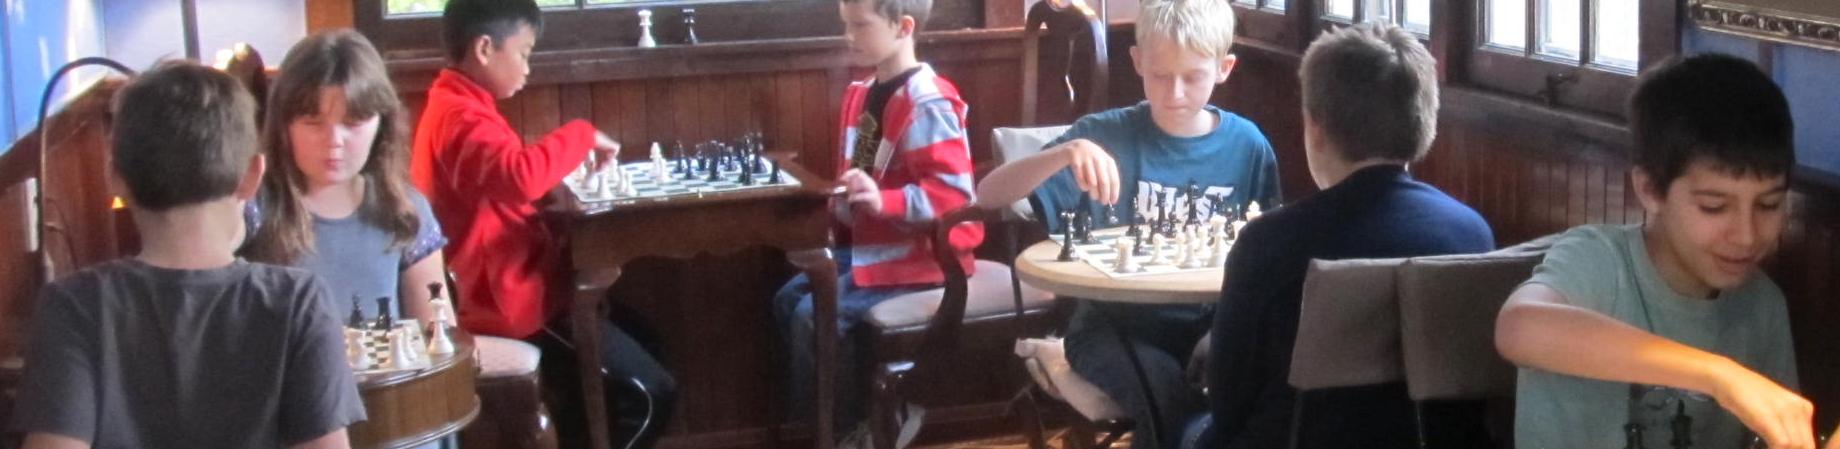 Bishops keep Chess PA days